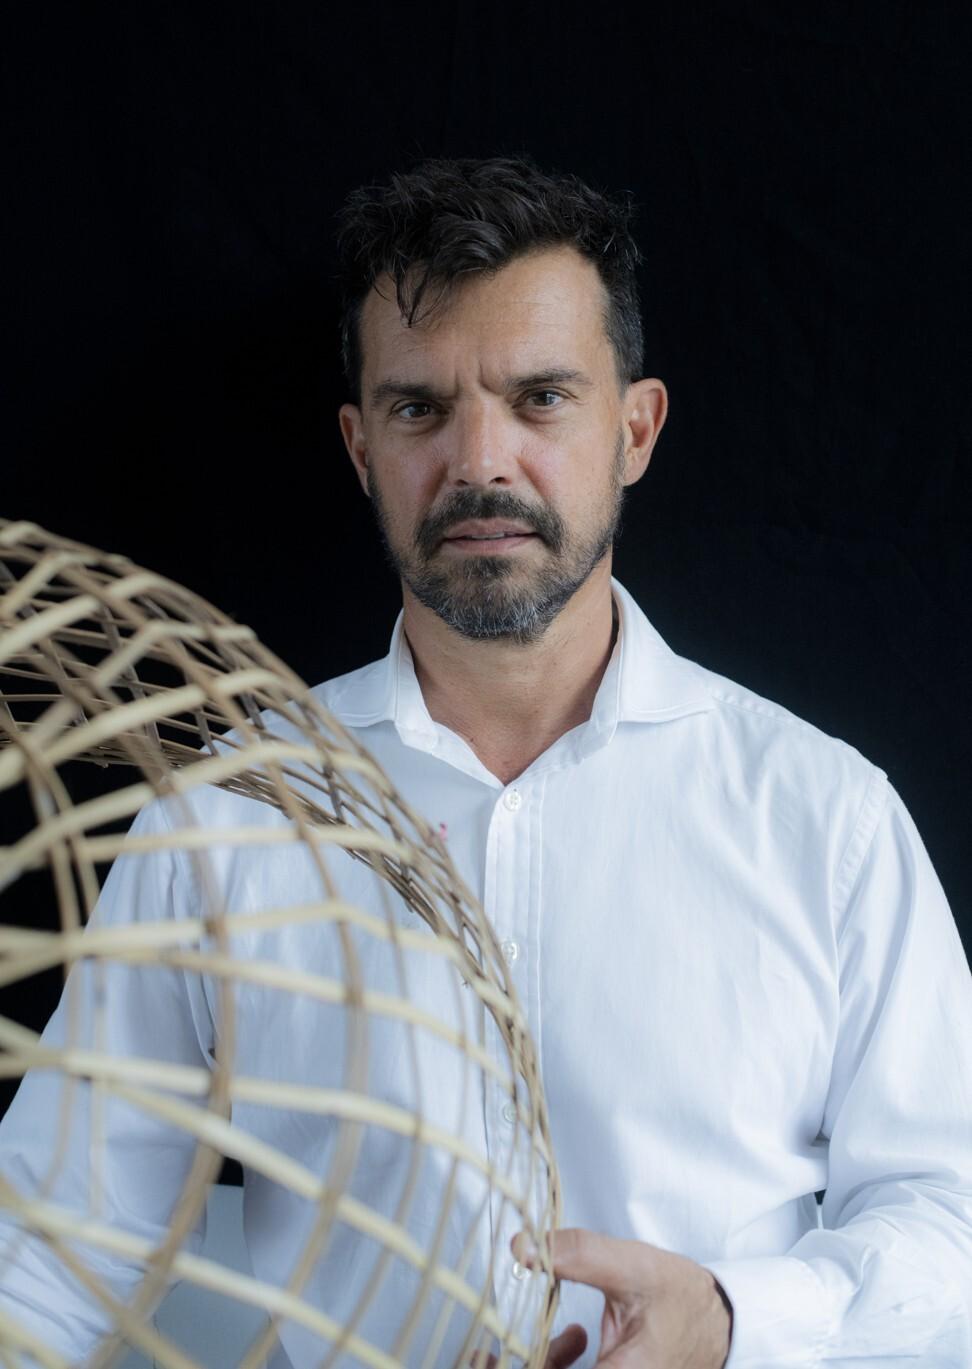 Patrick Keane có trụ sở ở Thái Lan là kiến trúc sư người Úc đứng sau Enter dự án. Ảnh: Jesse Cotteril